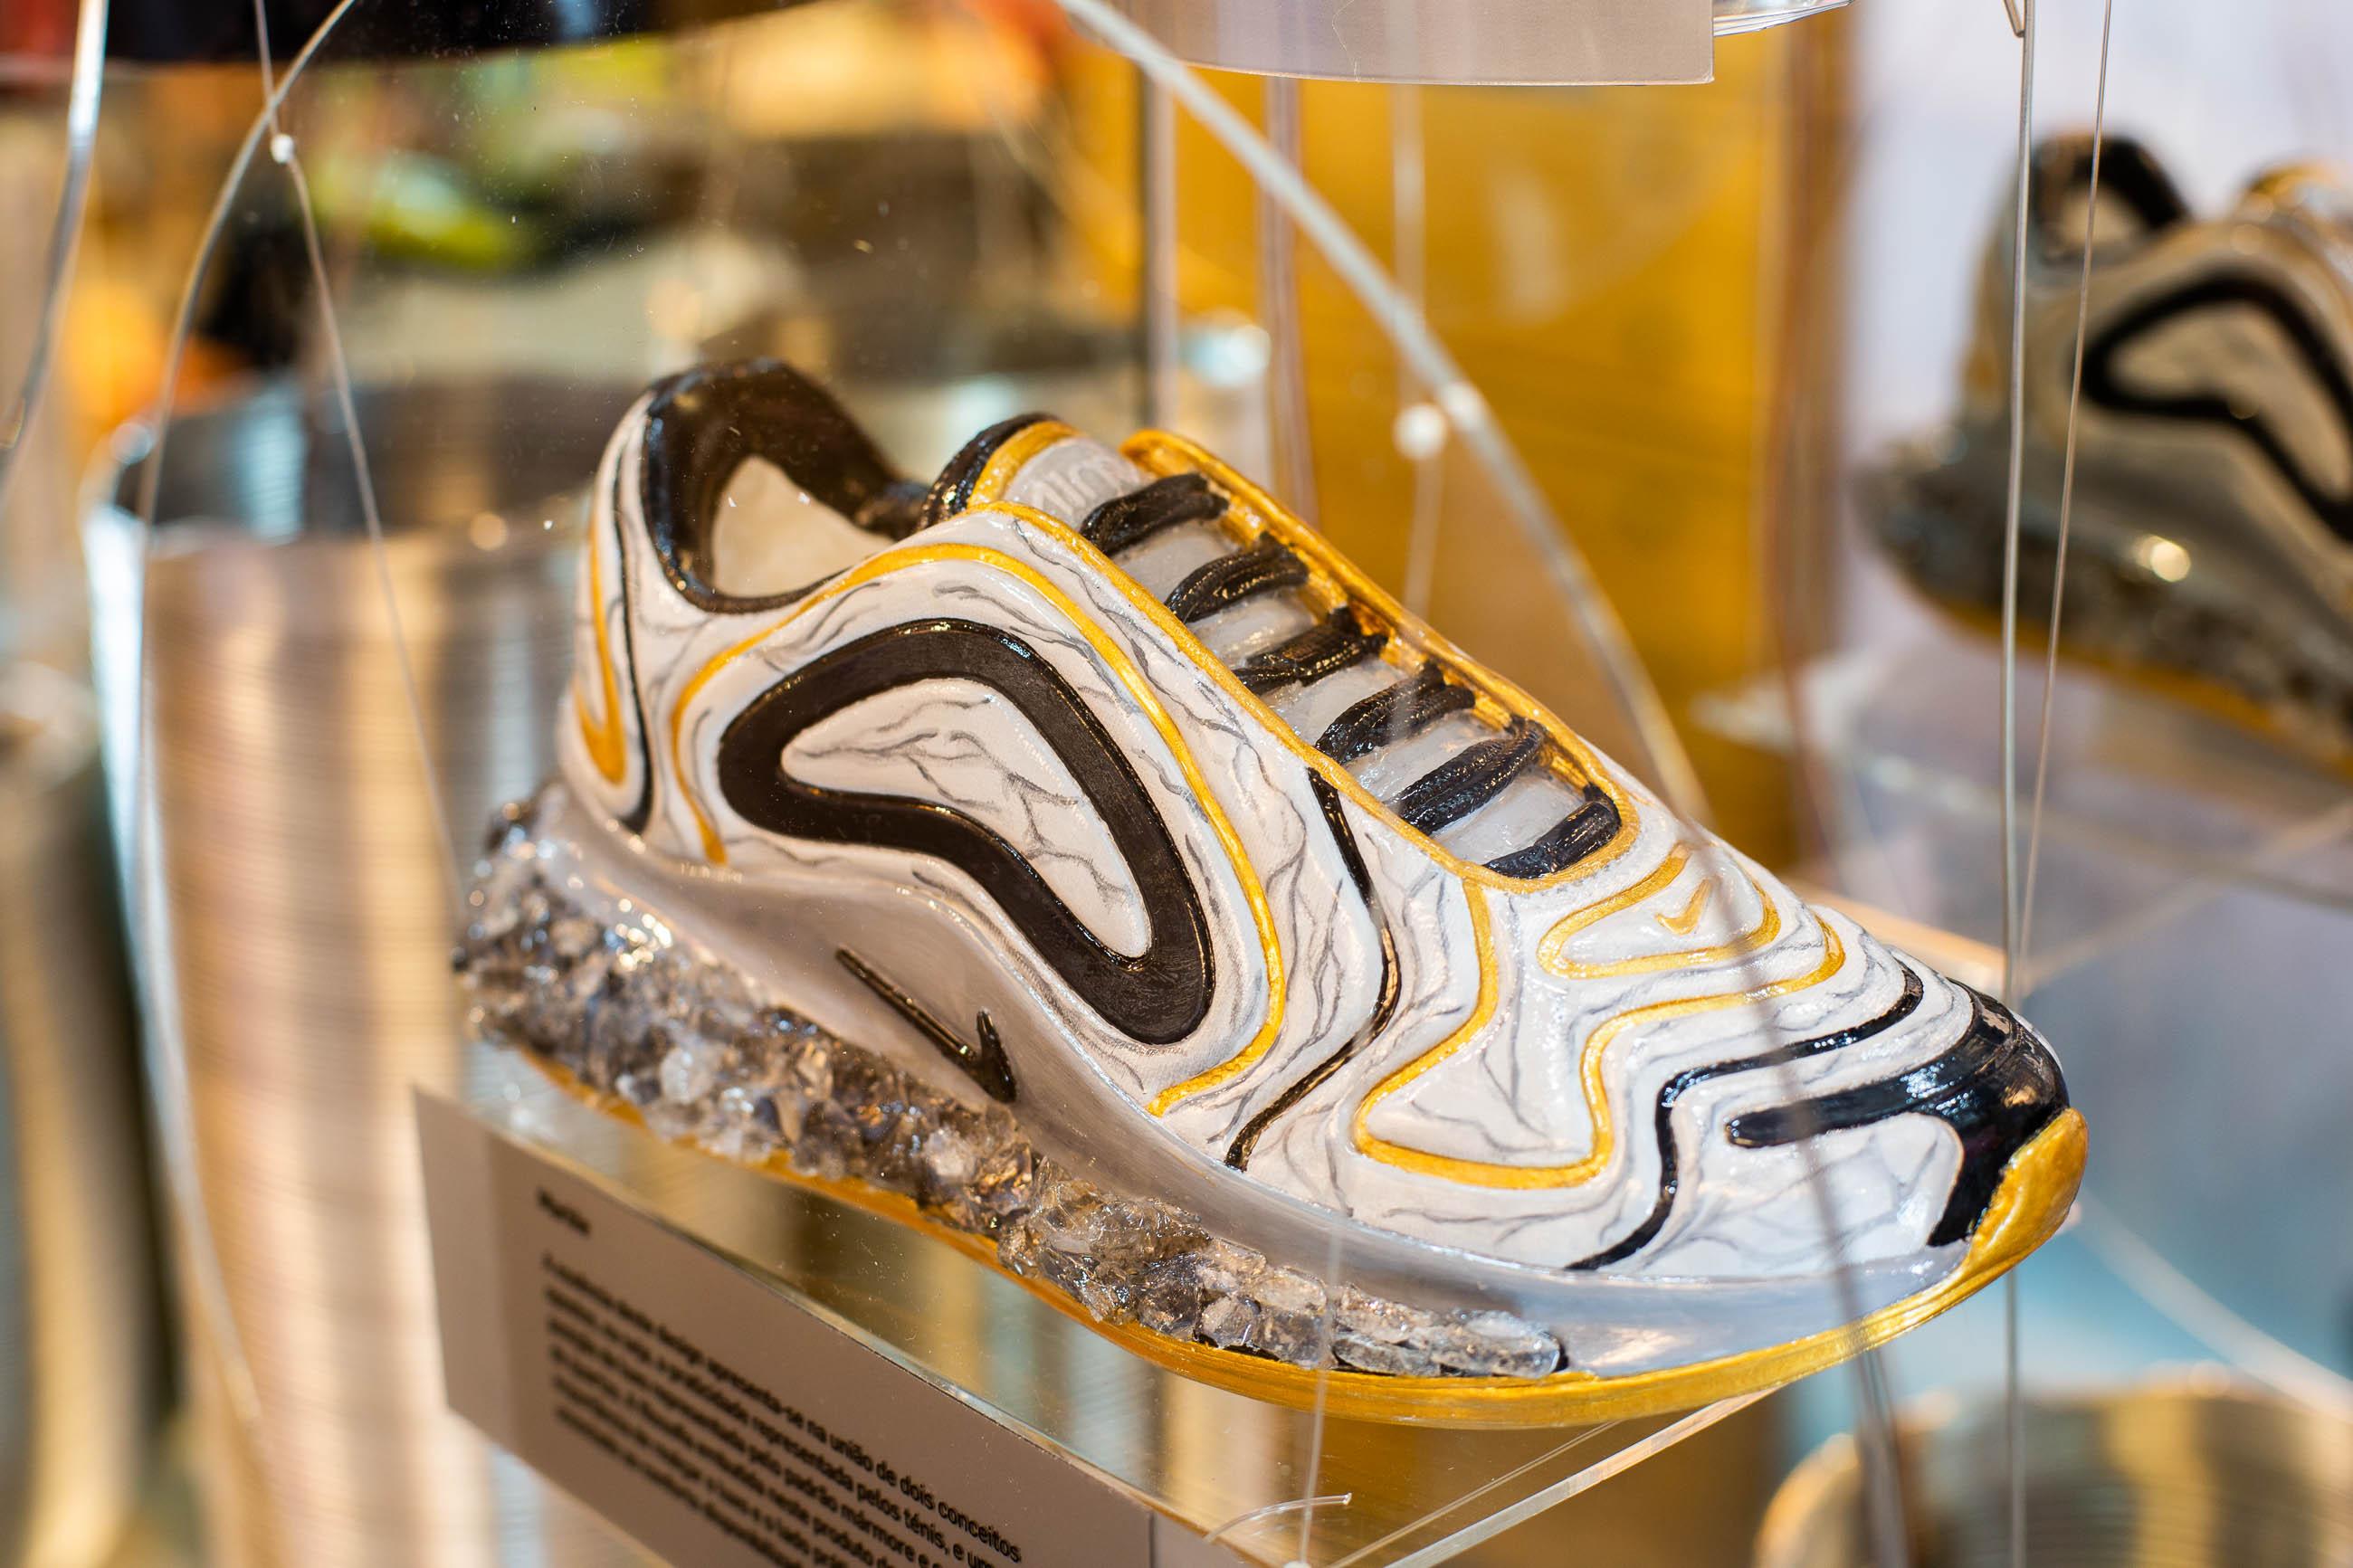 Nike celebra o icónico modelo com artistas portugueses U FIT